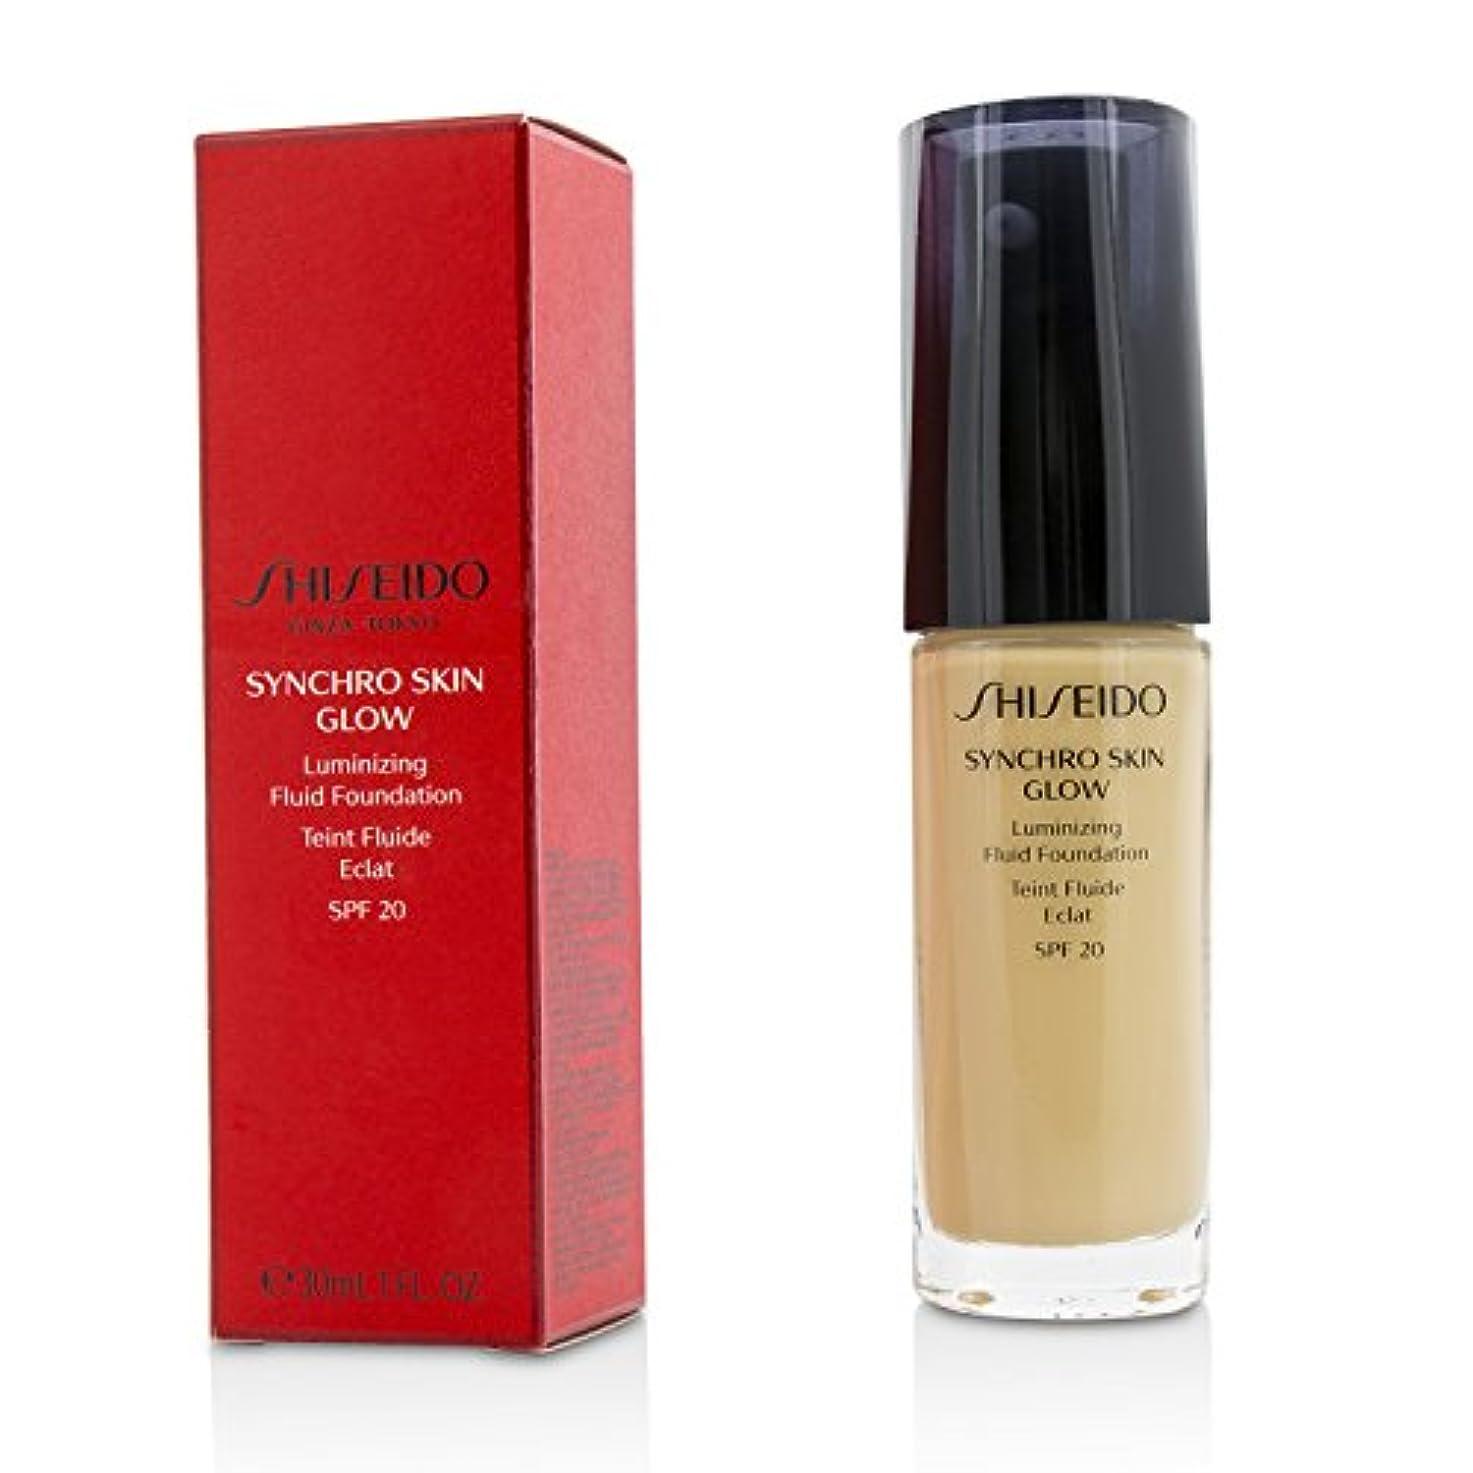 レールたらい硬さ資生堂 Synchro Skin Glow Luminizing Fluid Foundation SPF 20 - # Golden 2 30ml/1oz並行輸入品